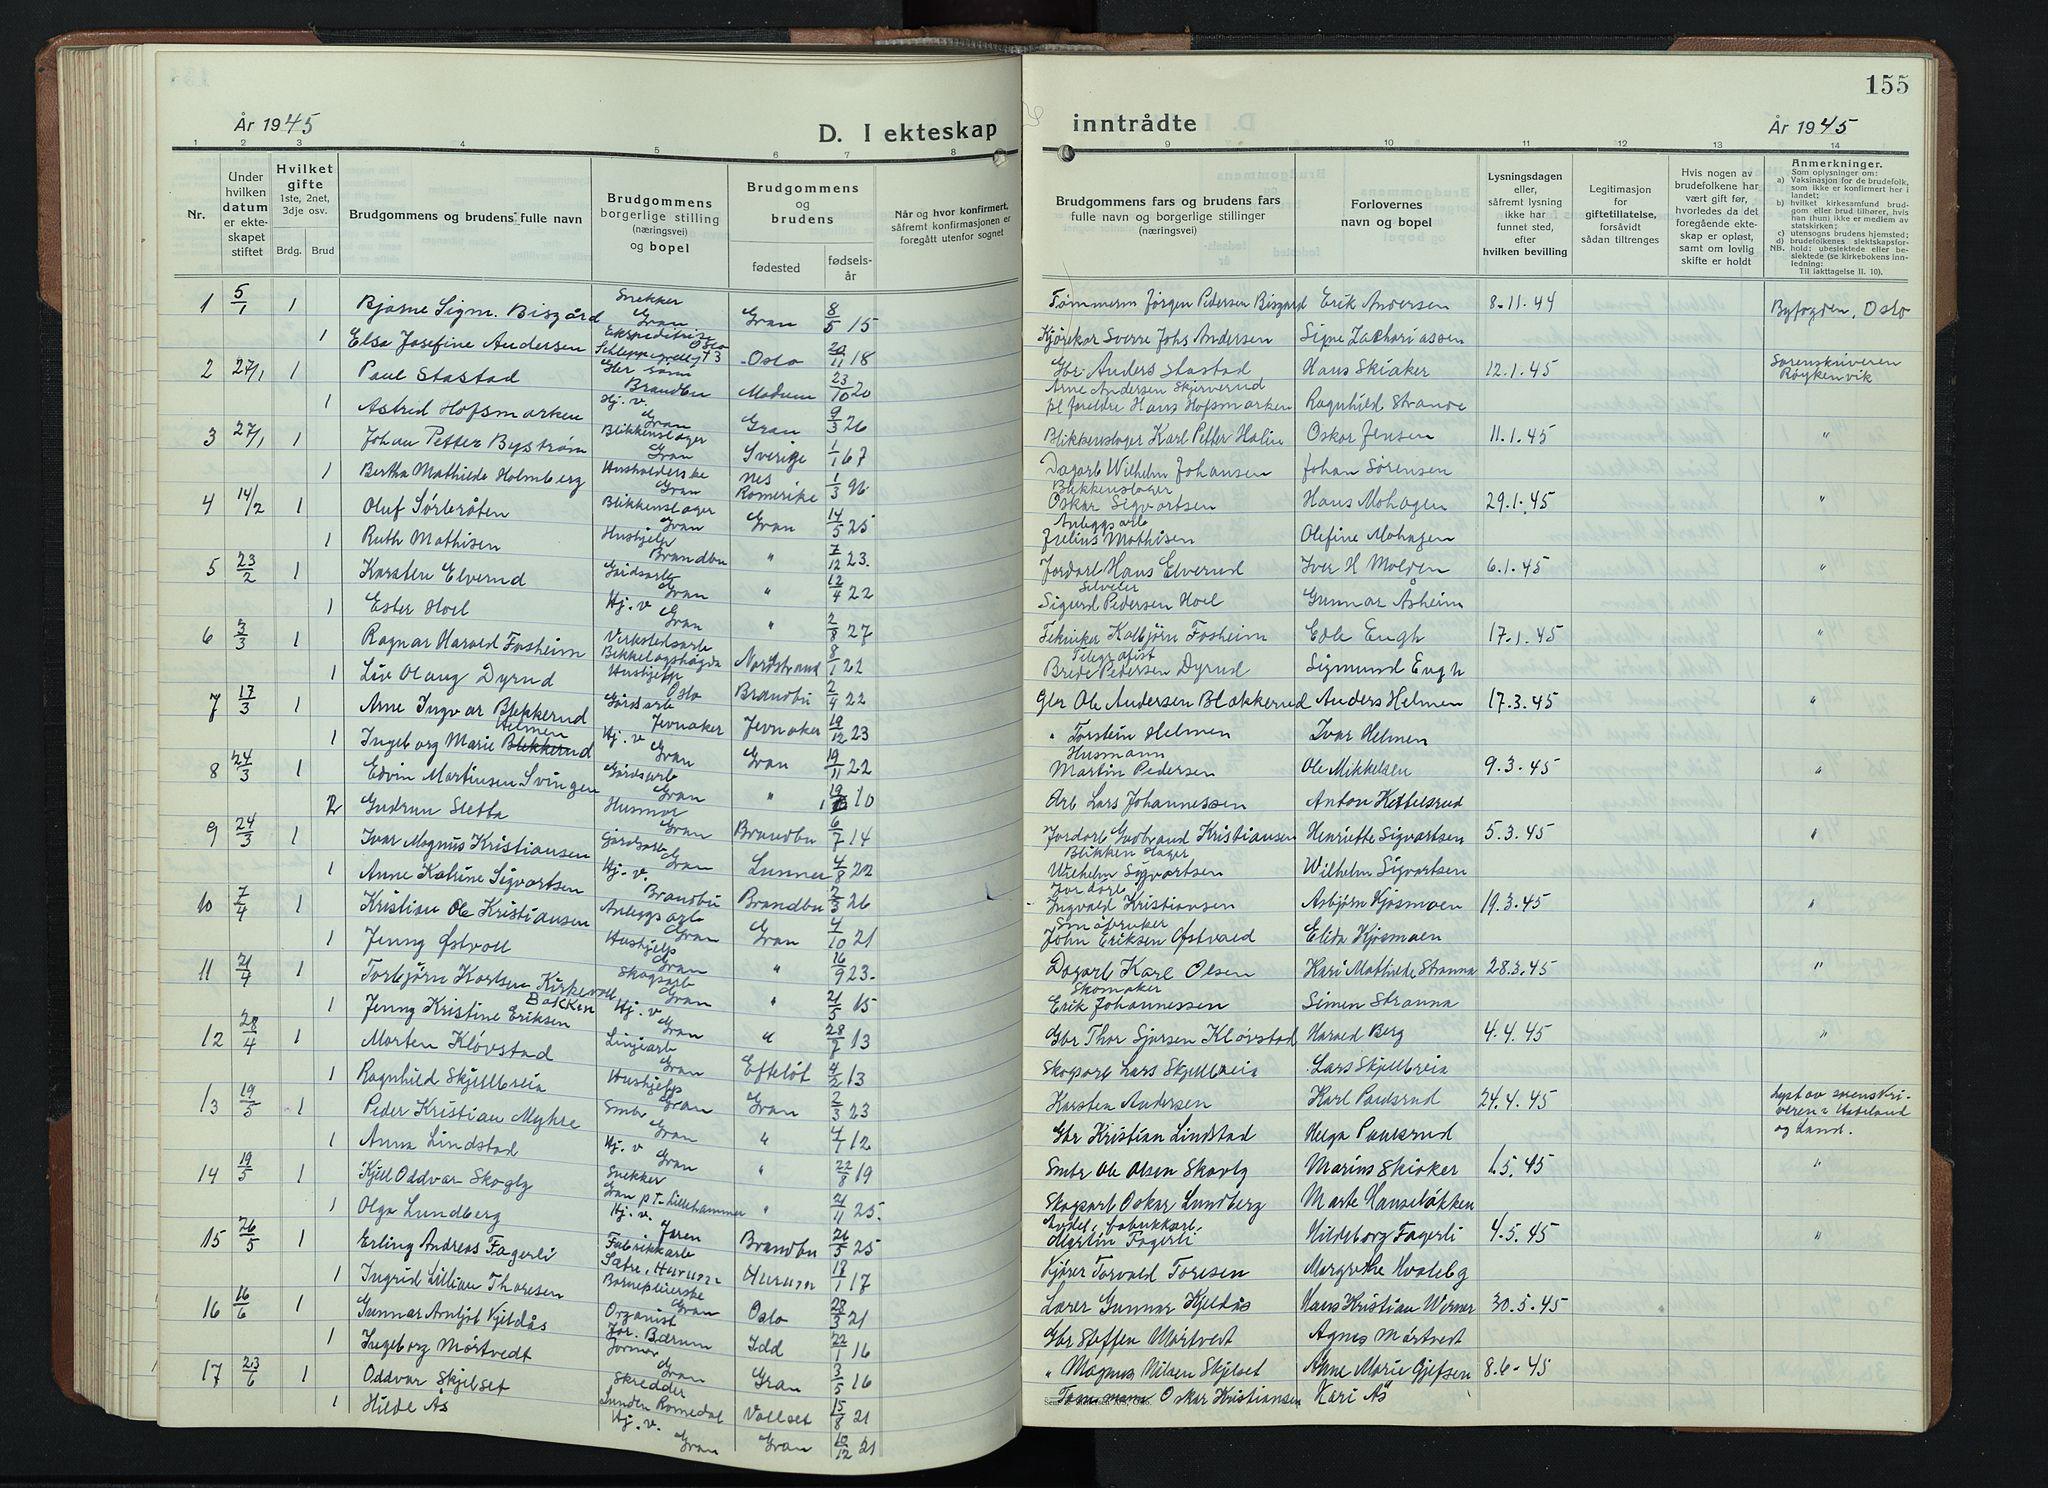 SAH, Gran prestekontor, Klokkerbok nr. 9, 1933-1950, s. 155